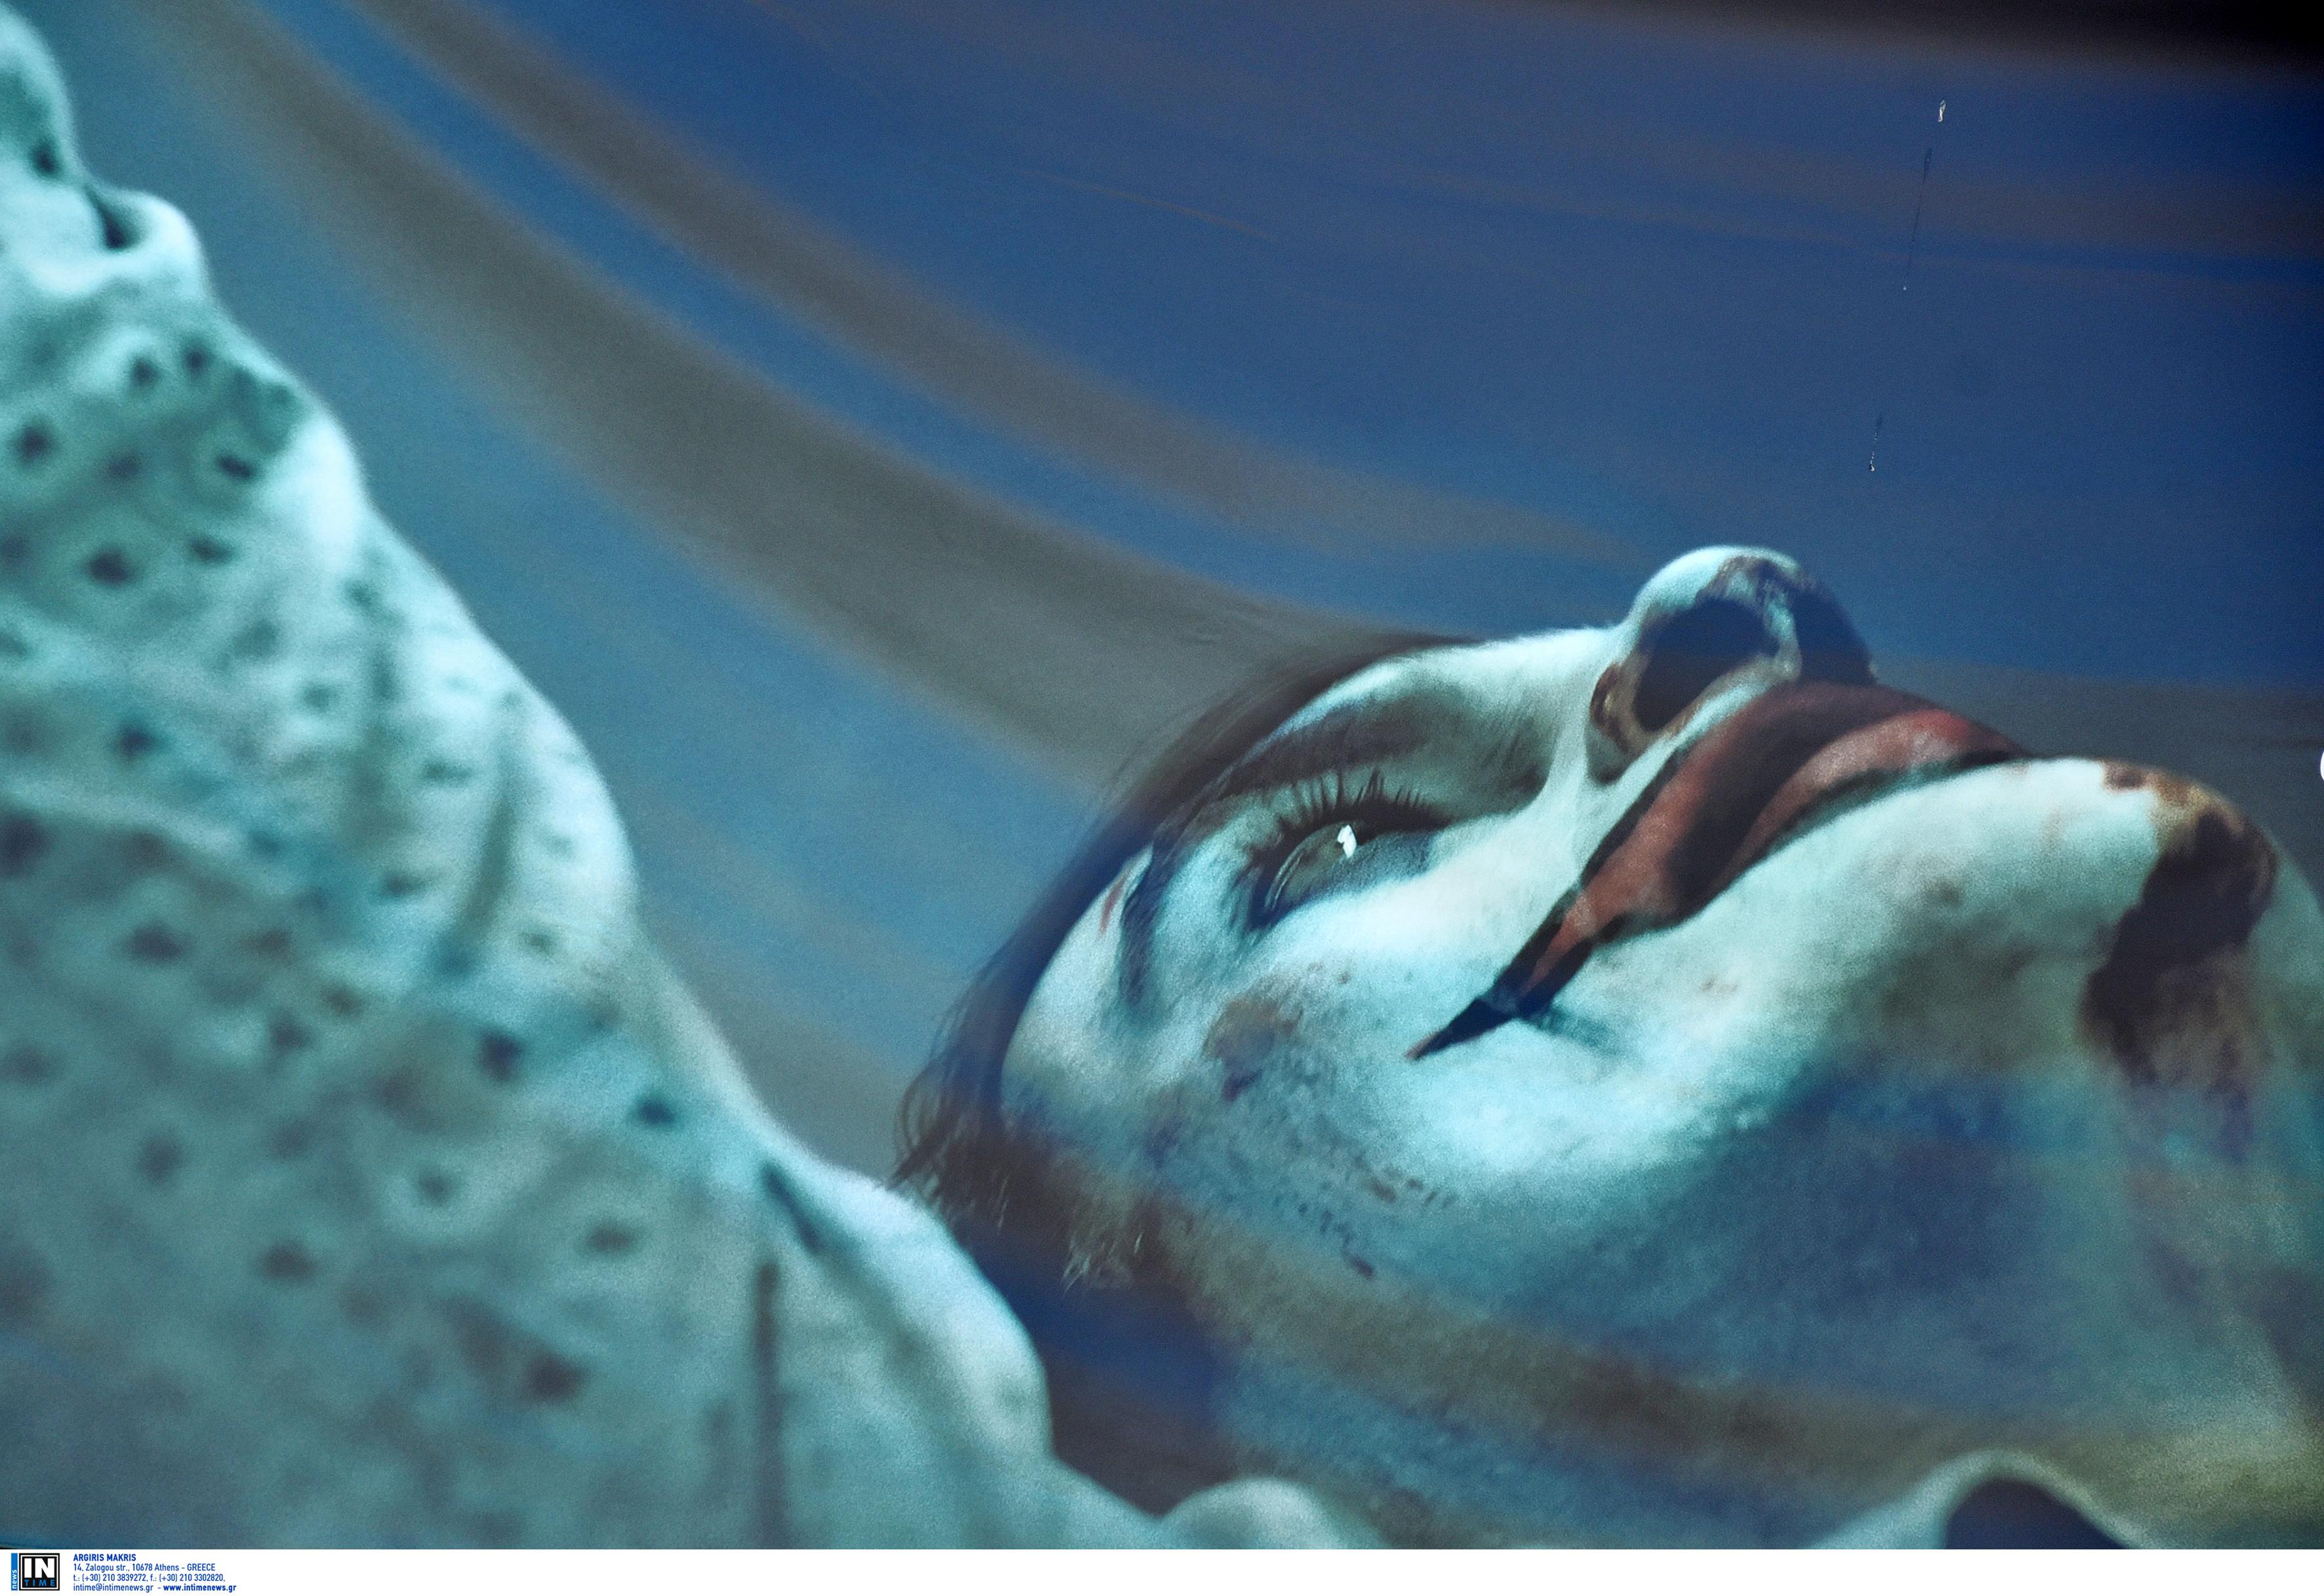 Ραγκούσης κατά Πέτσα: Με διάταγμα του Κ. Μητσοτάκη οι έφοδοι στον… Joker